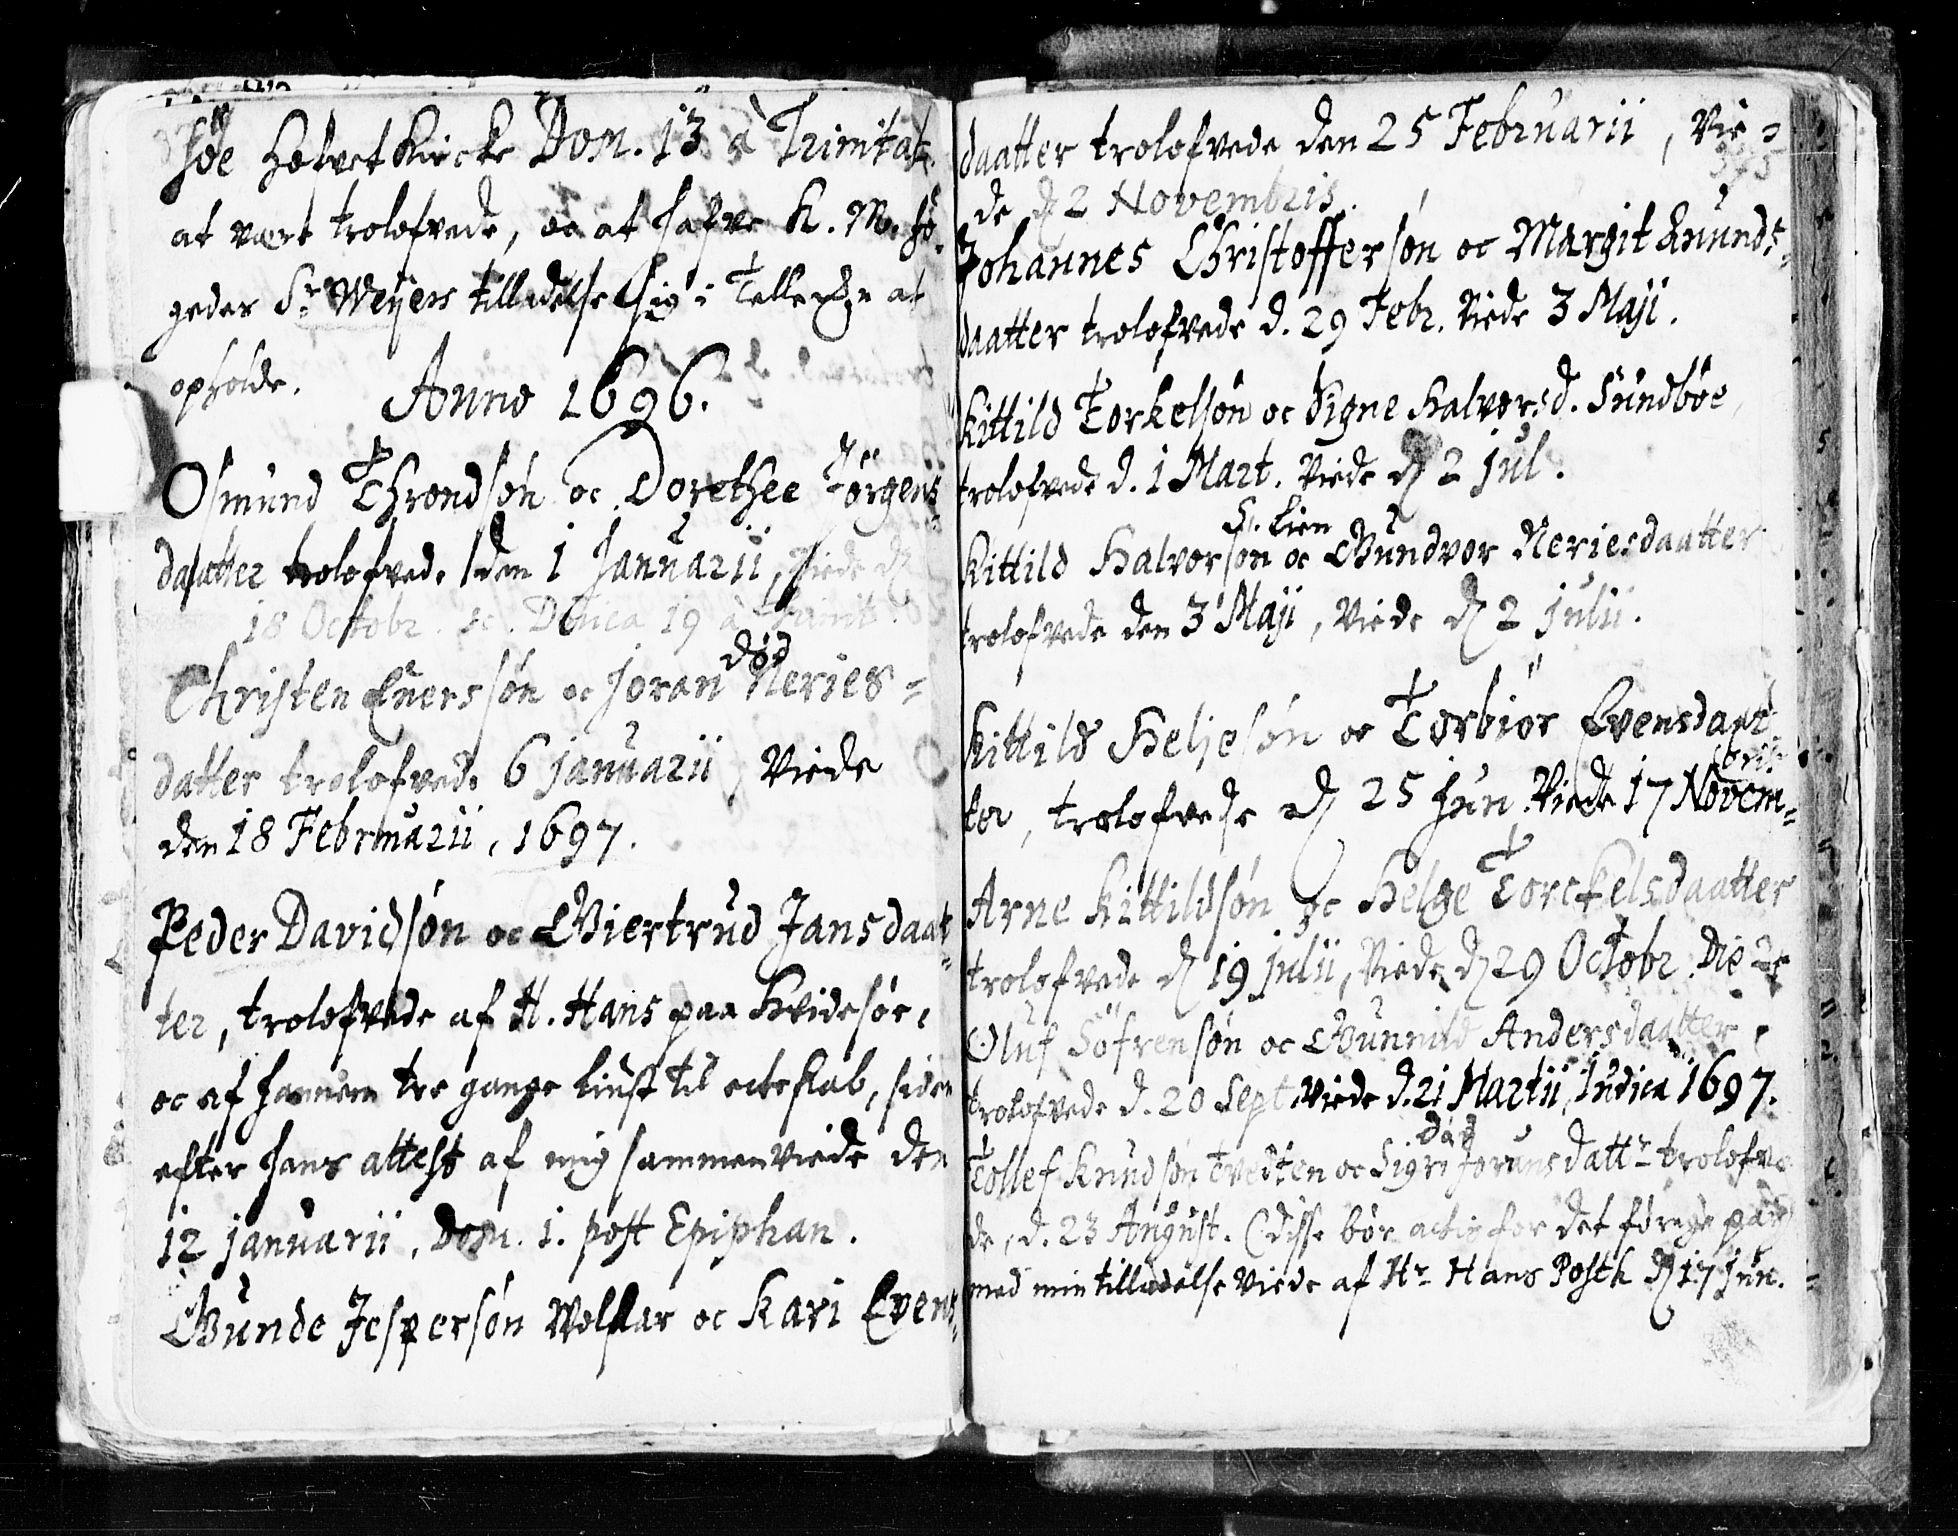 SAKO, Seljord kirkebøker, F/Fa/L0002: Ministerialbok nr. I 2, 1689-1713, s. 374-375